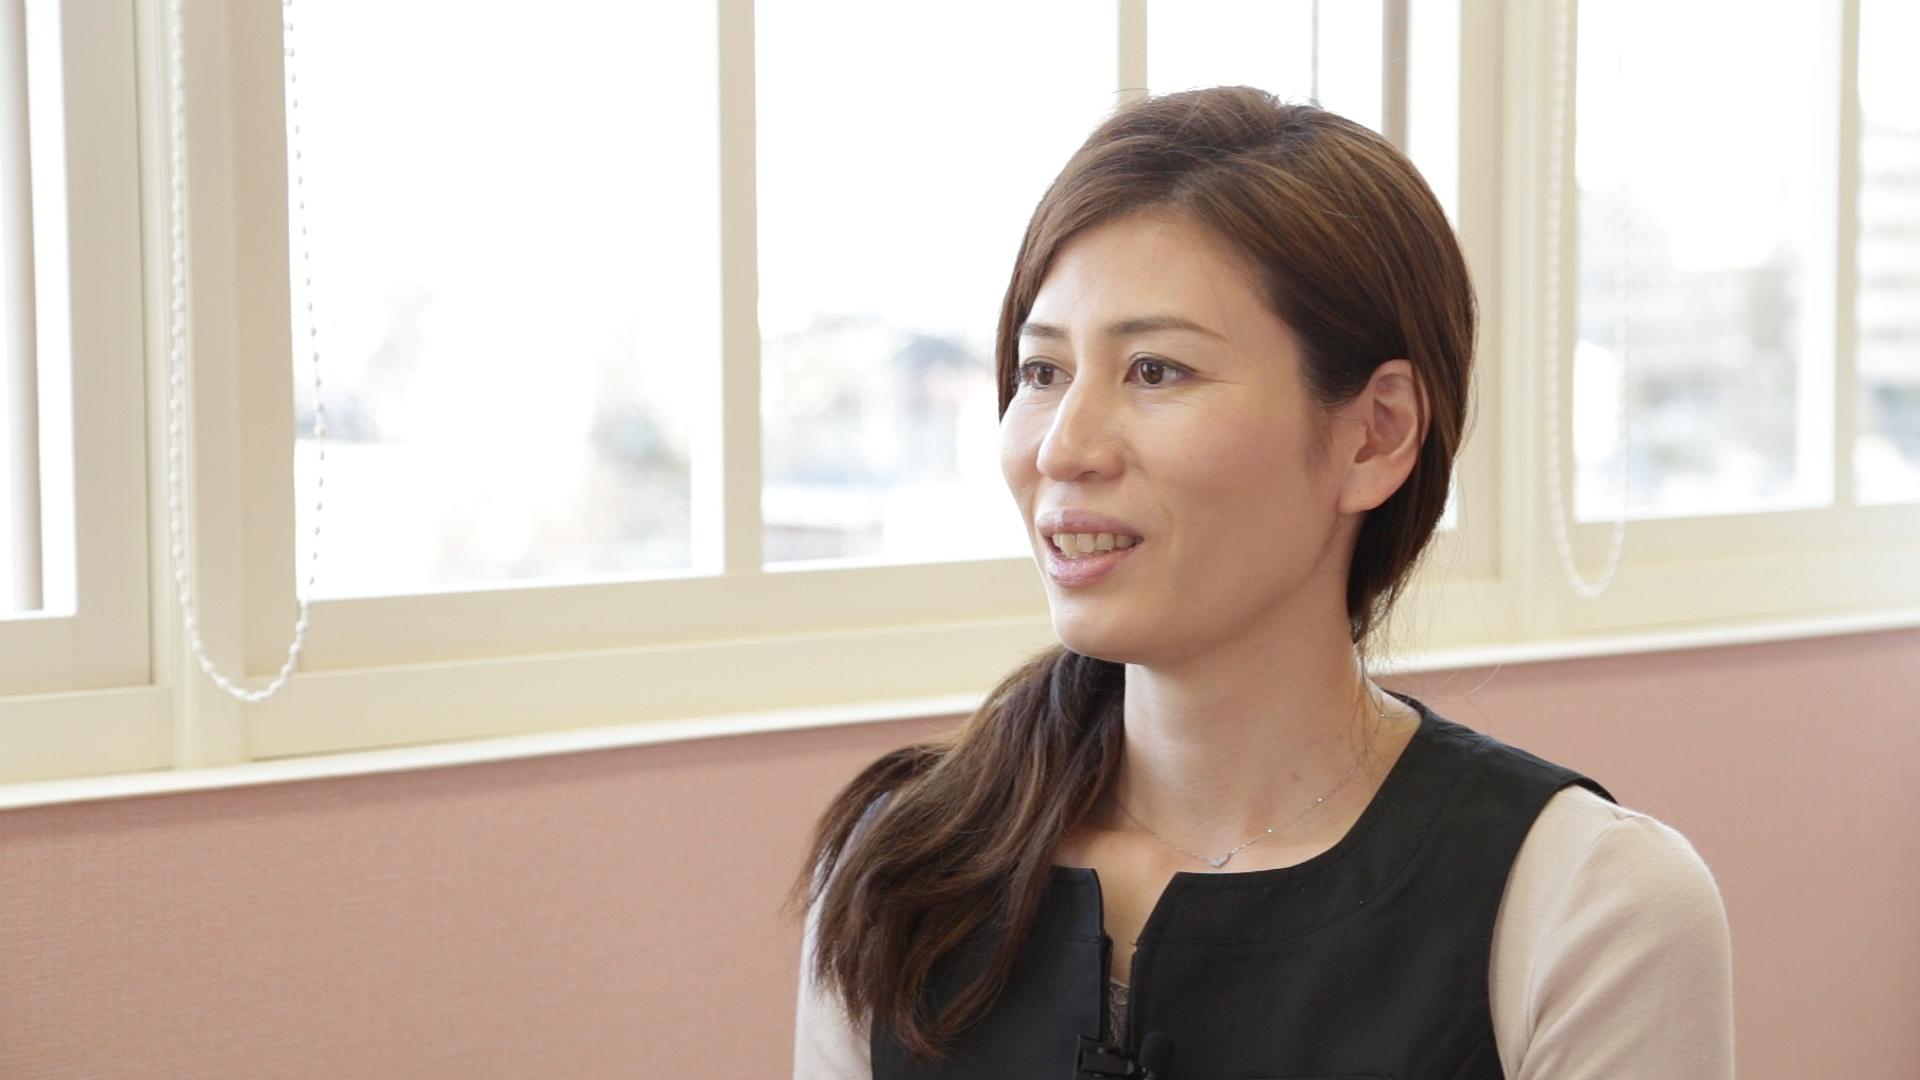 【インタビュー】トリミングサロン「TAROIMO for PRIVATE」オーナートリマー 山本晃子|KEYPERSON'S STORY